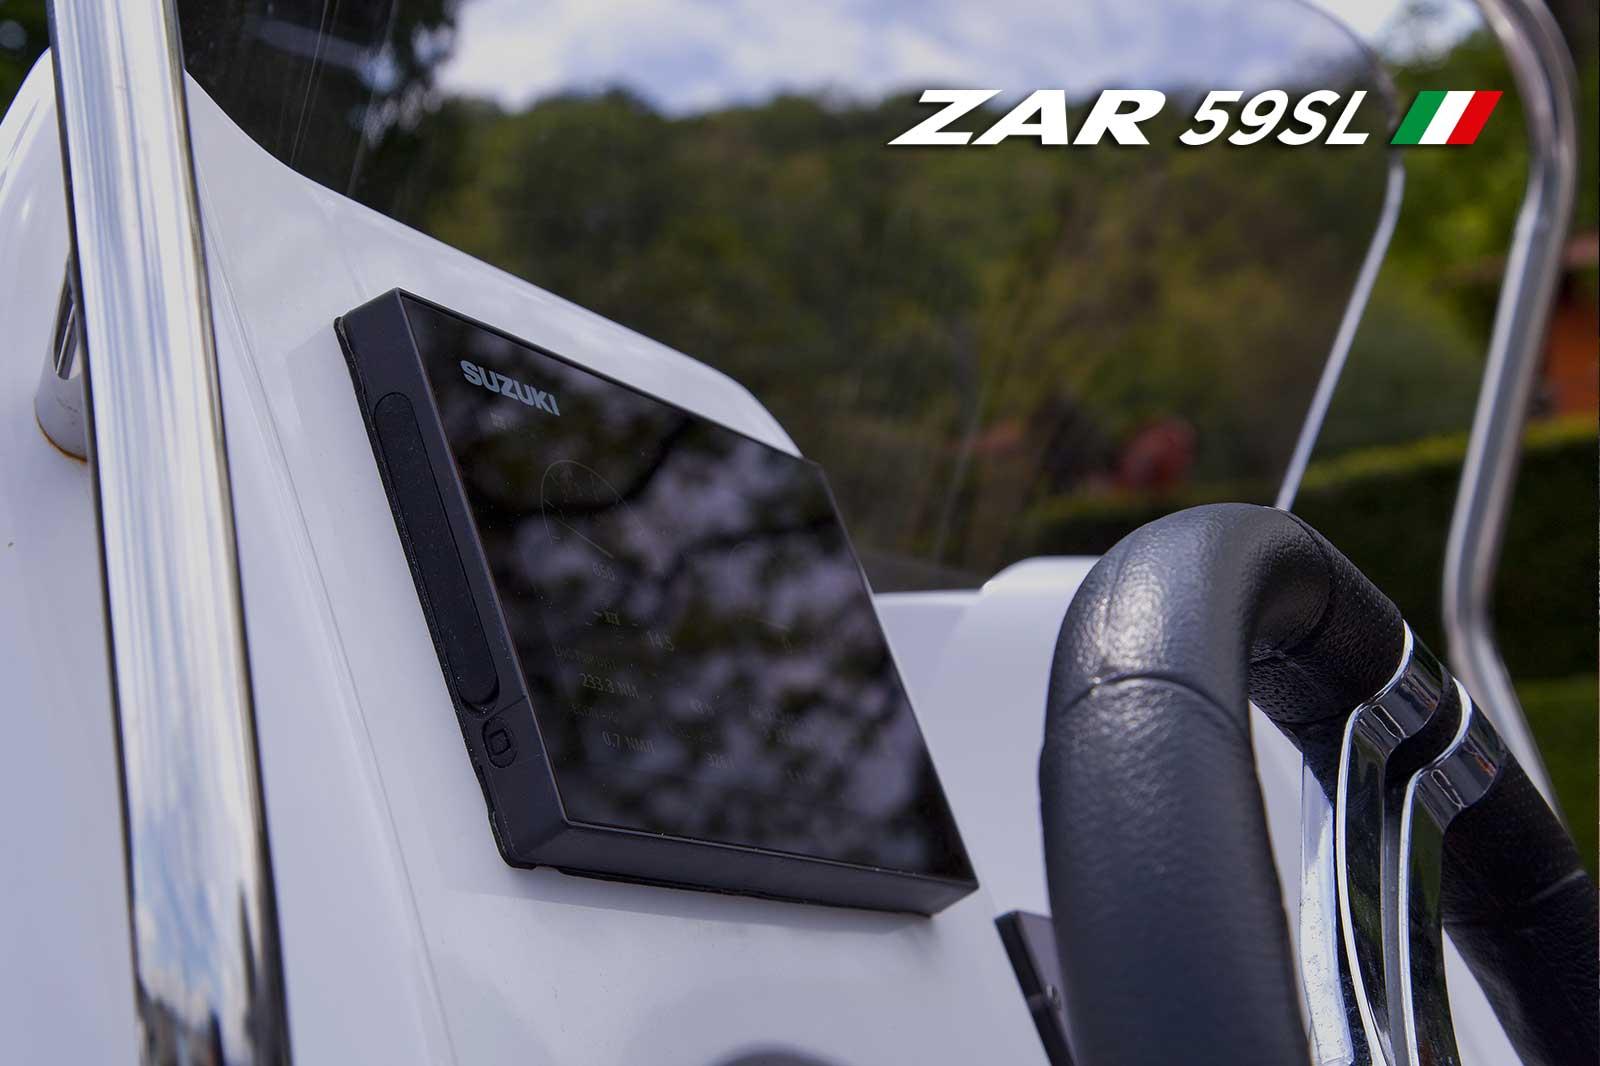 Zar59 6